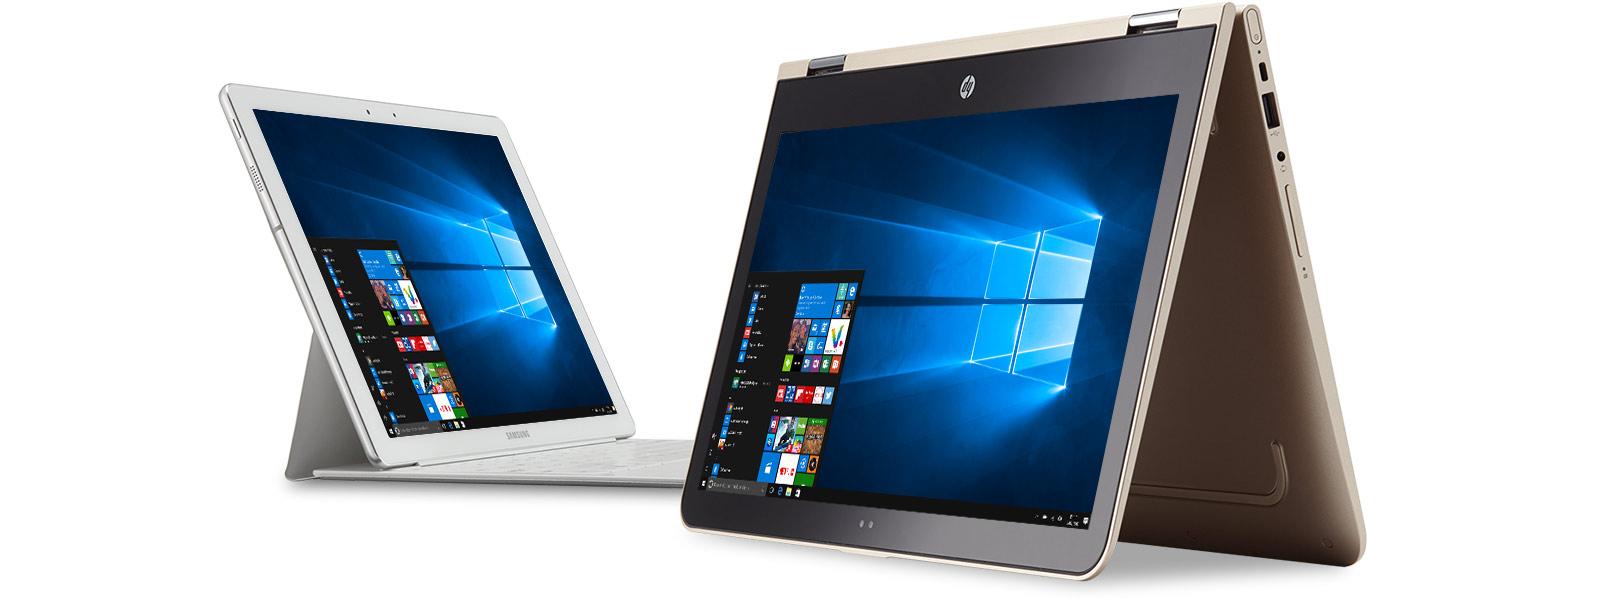 Appareils Microsoft avec le menu de démarrage Windows